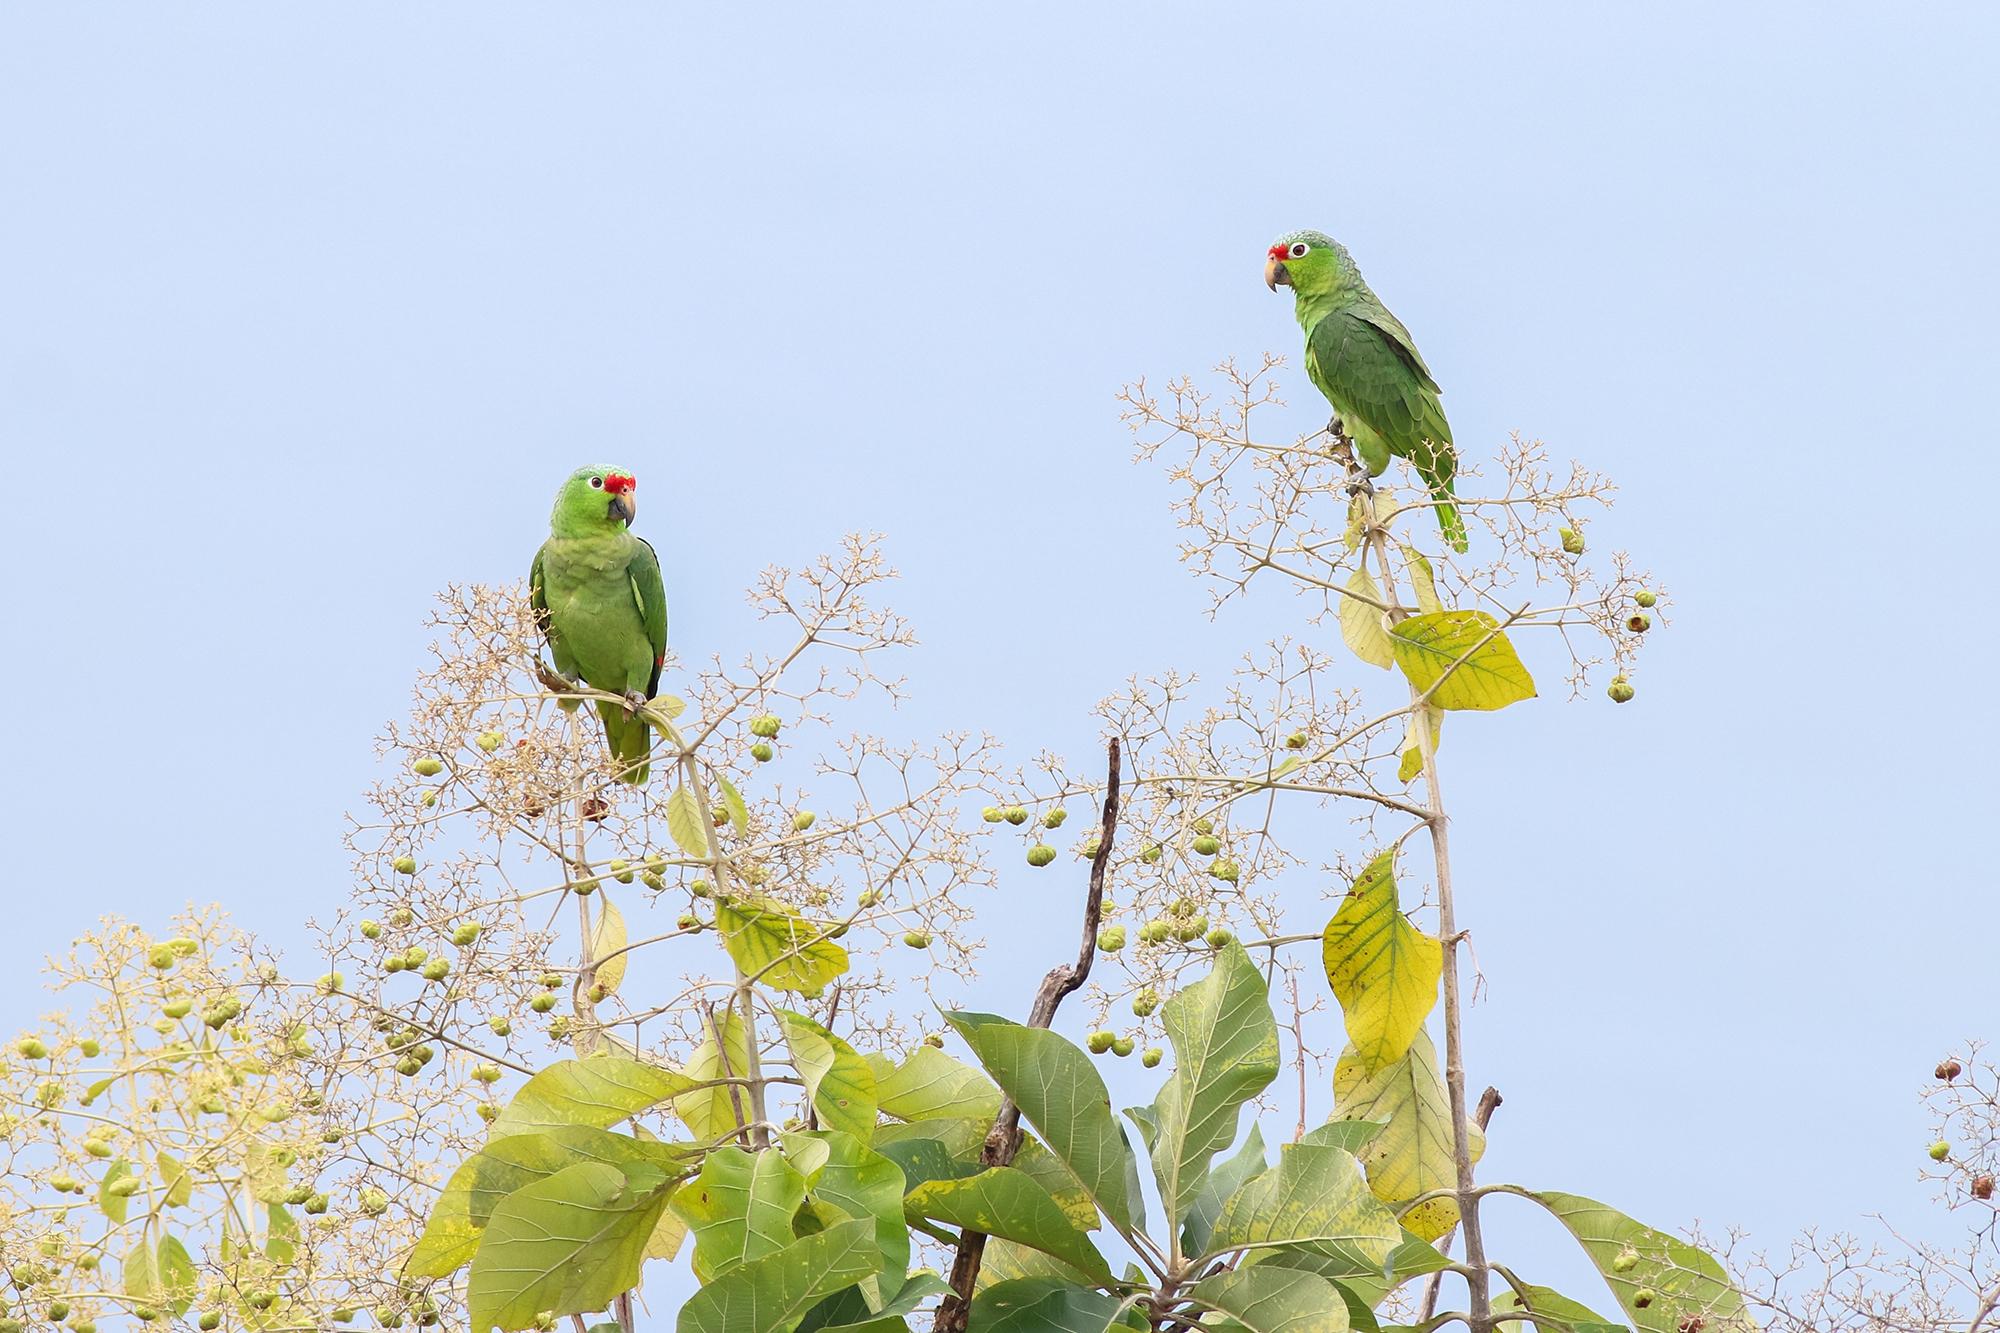 Parrots-JPEG_web 3.jpg